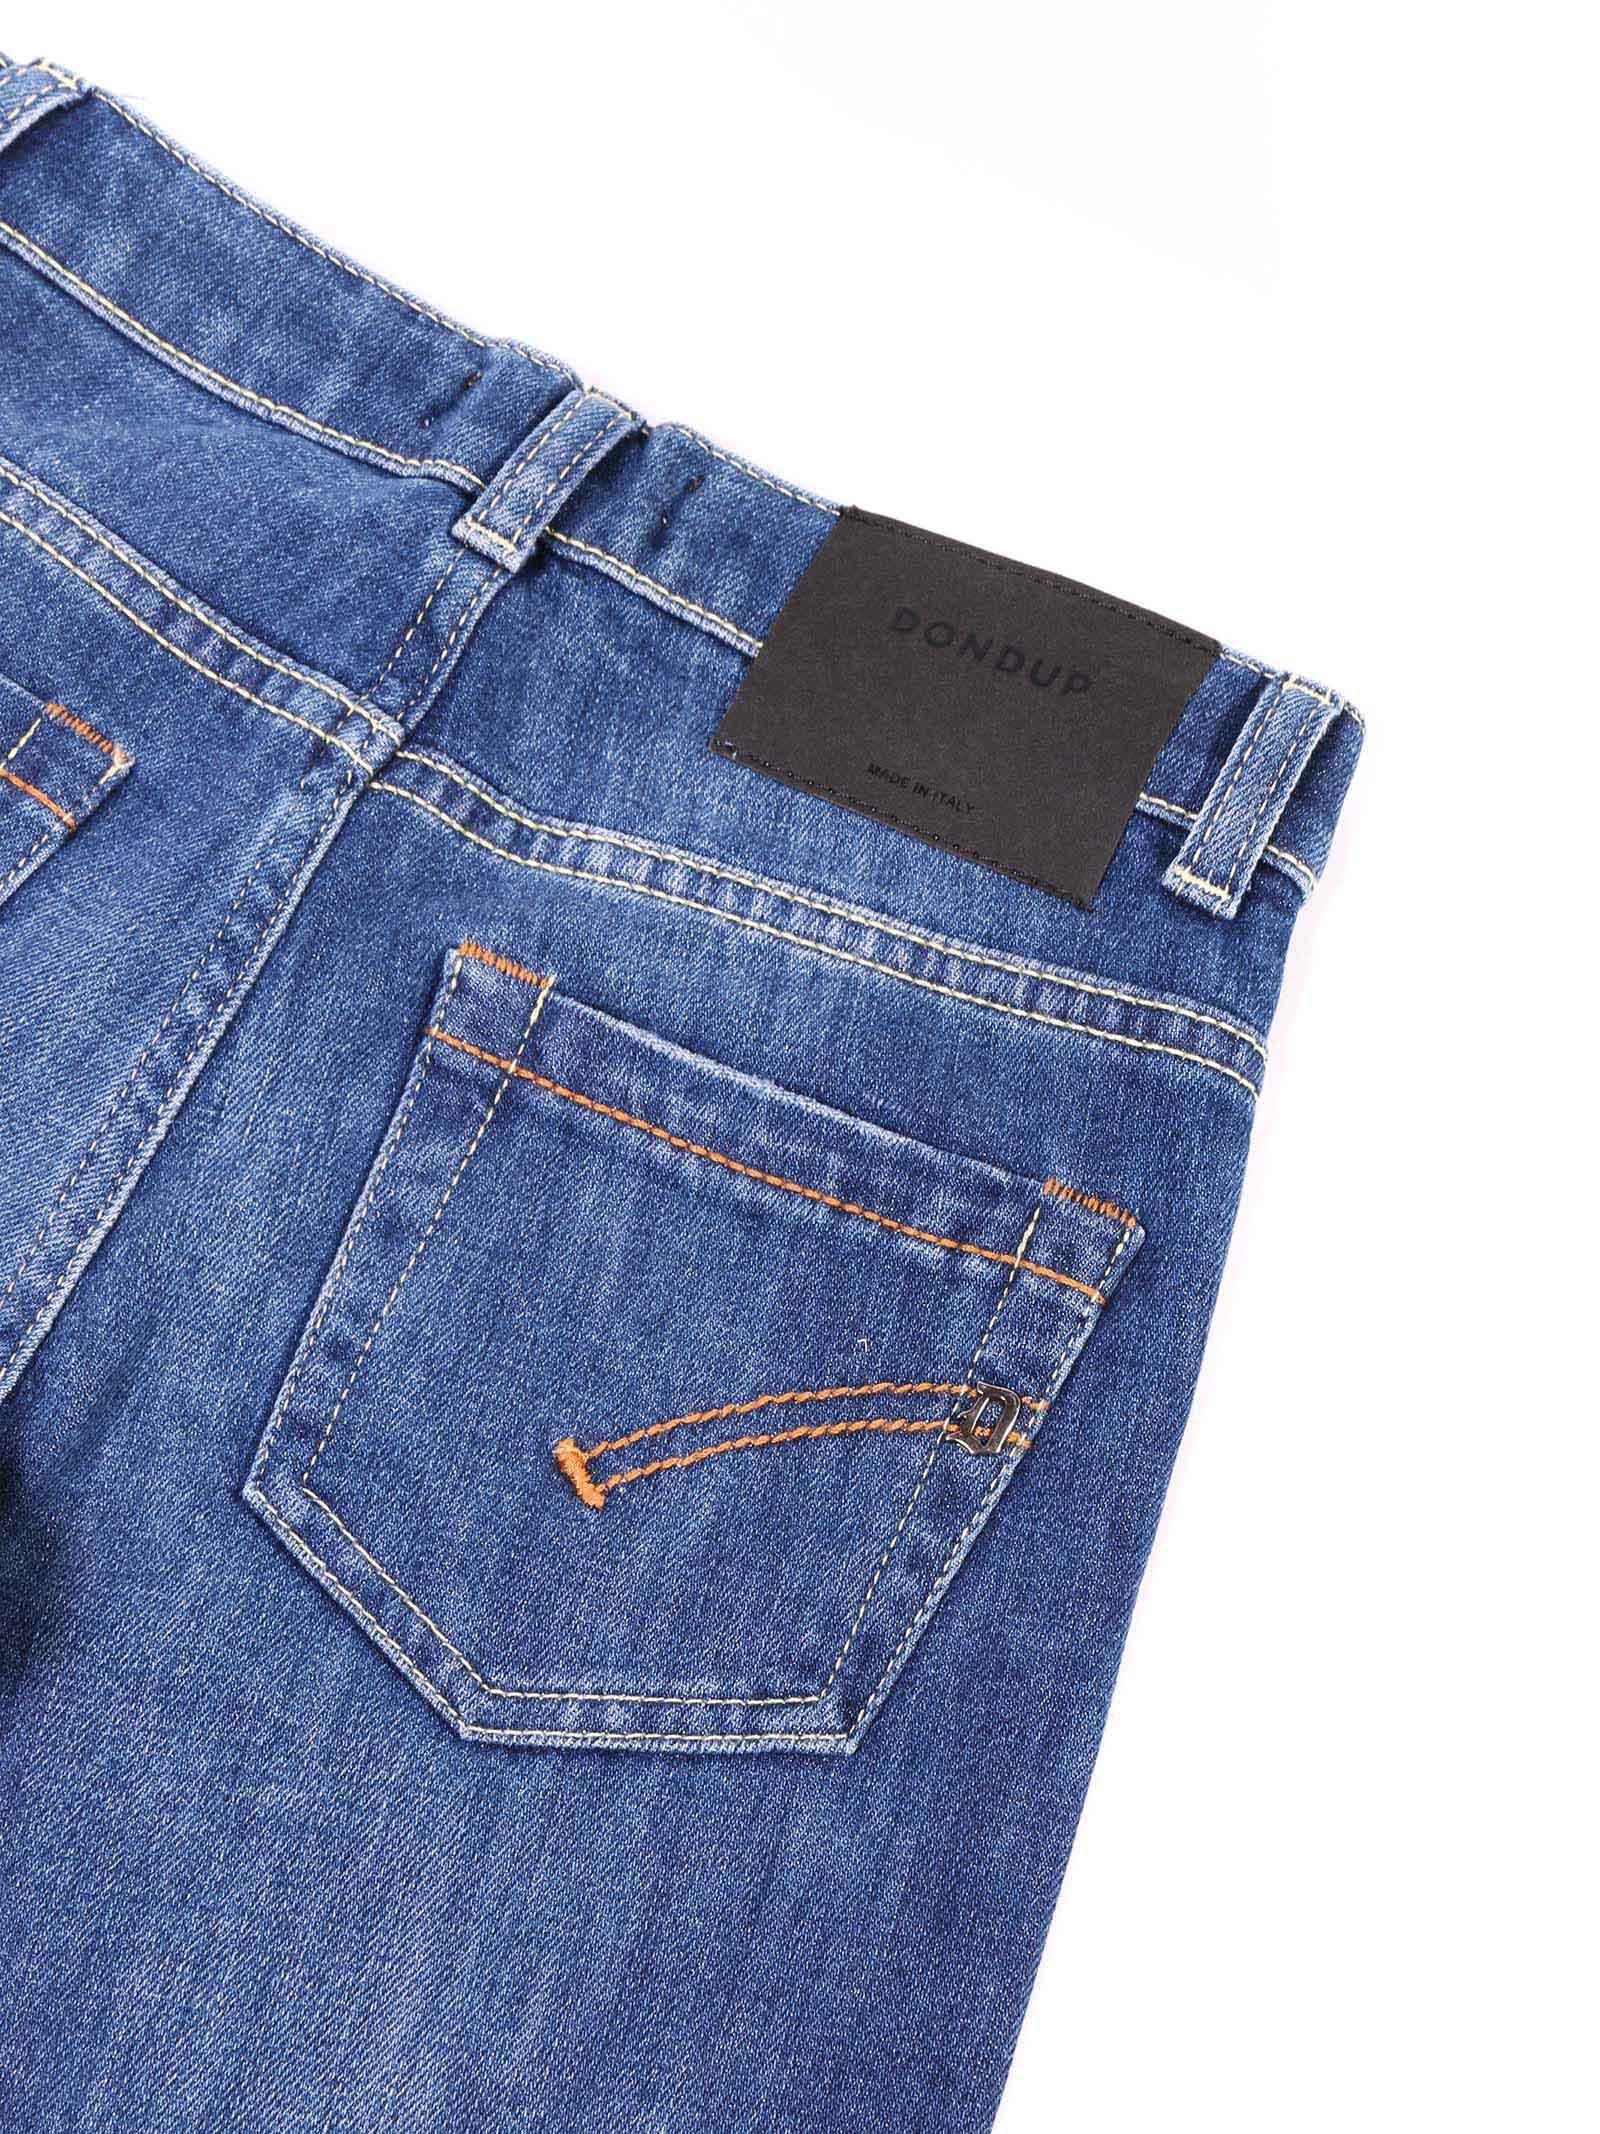 jeans denim con scritte Dondup | Pantalone | BP215 DS0107 AU5W BD W20800